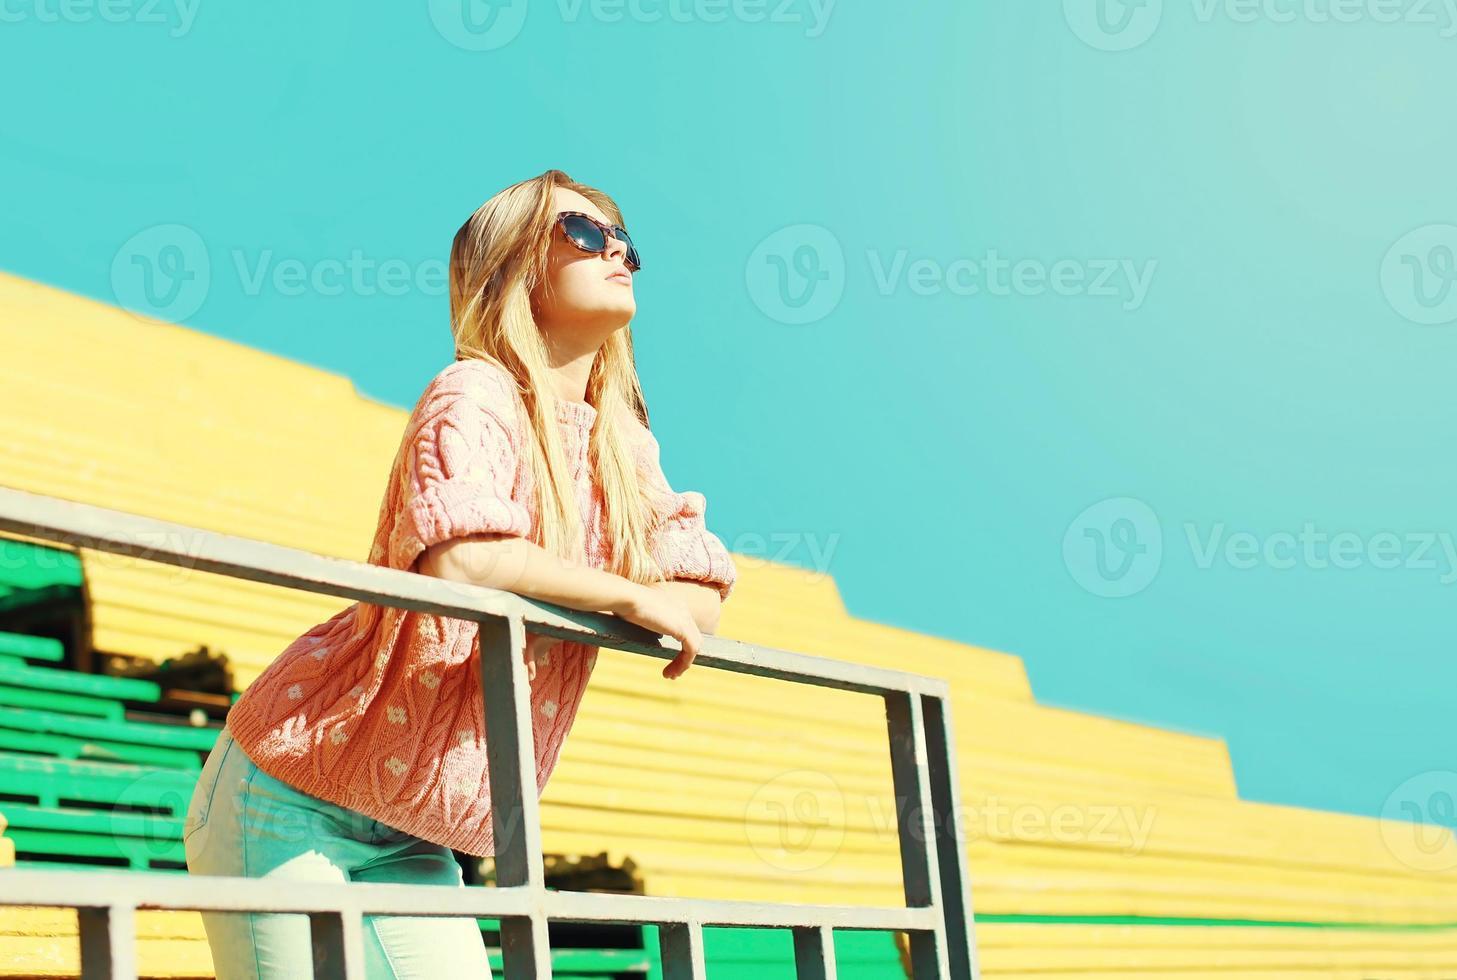 belle femme de mode appréciant la journée ensoleillée sur le ciel bleu photo